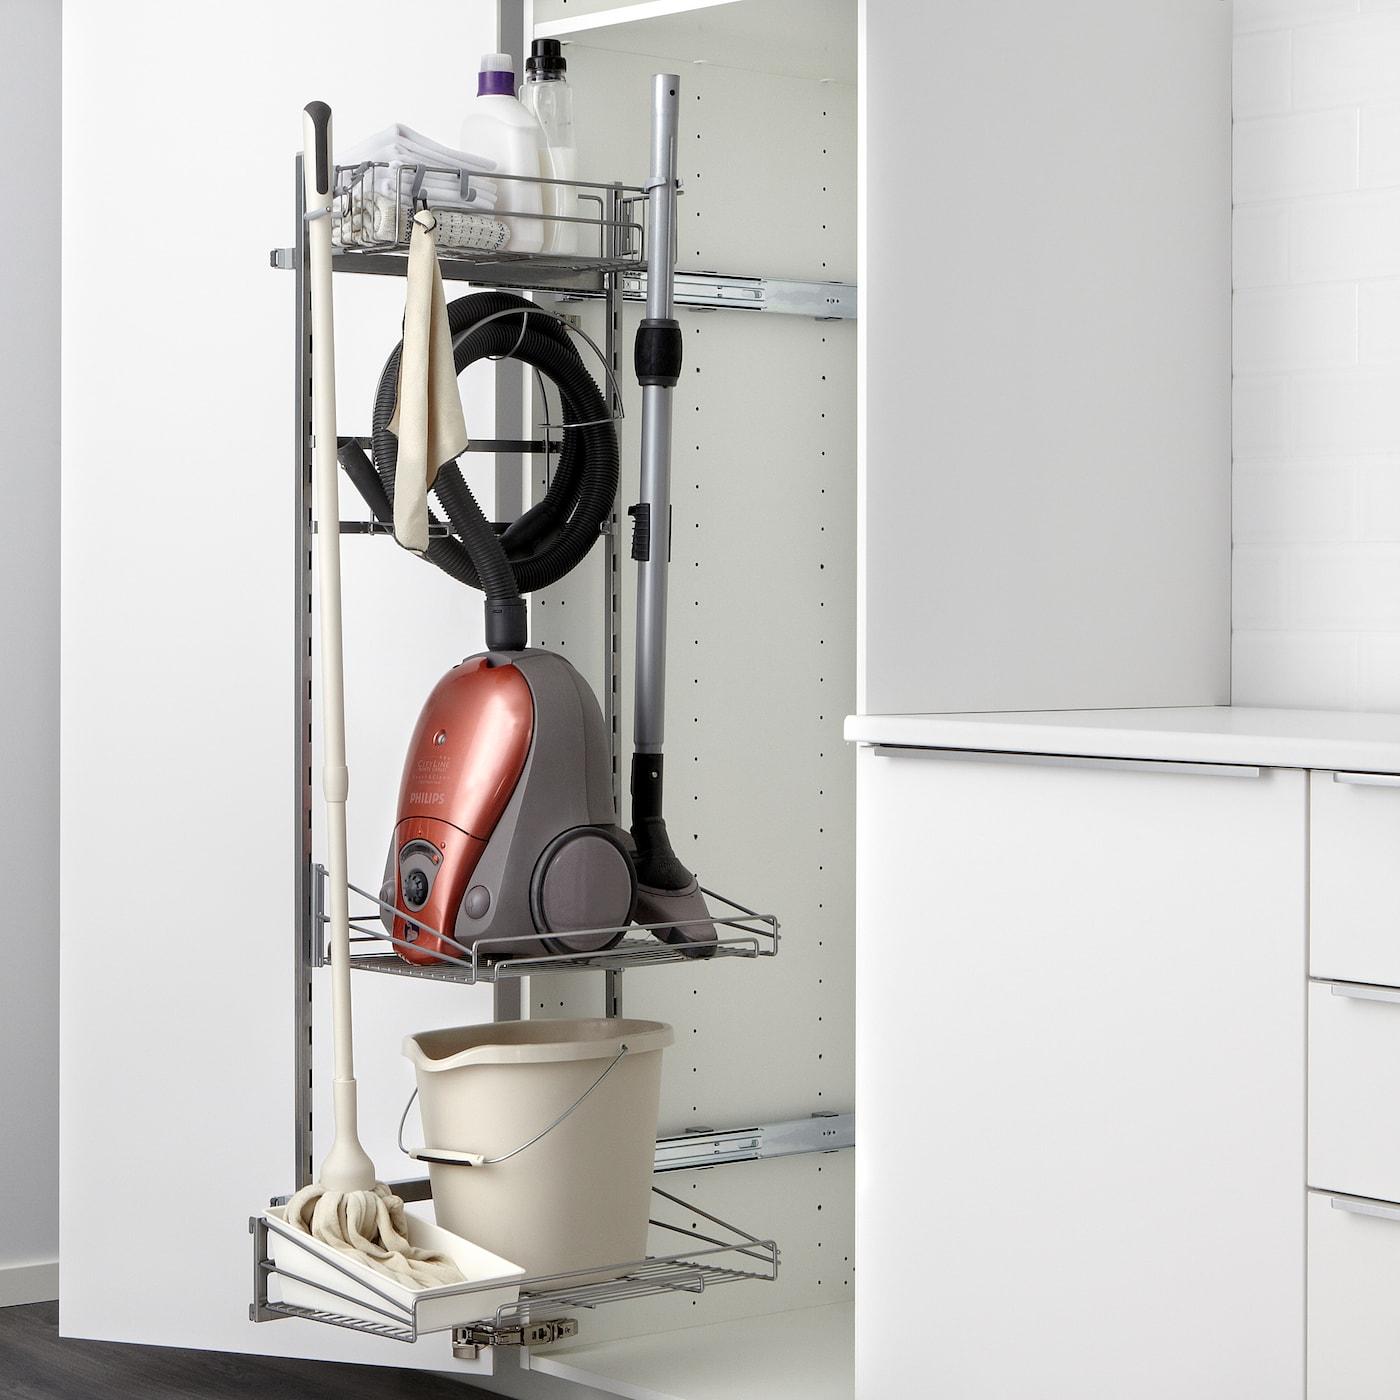 armario productos limpieza ikea